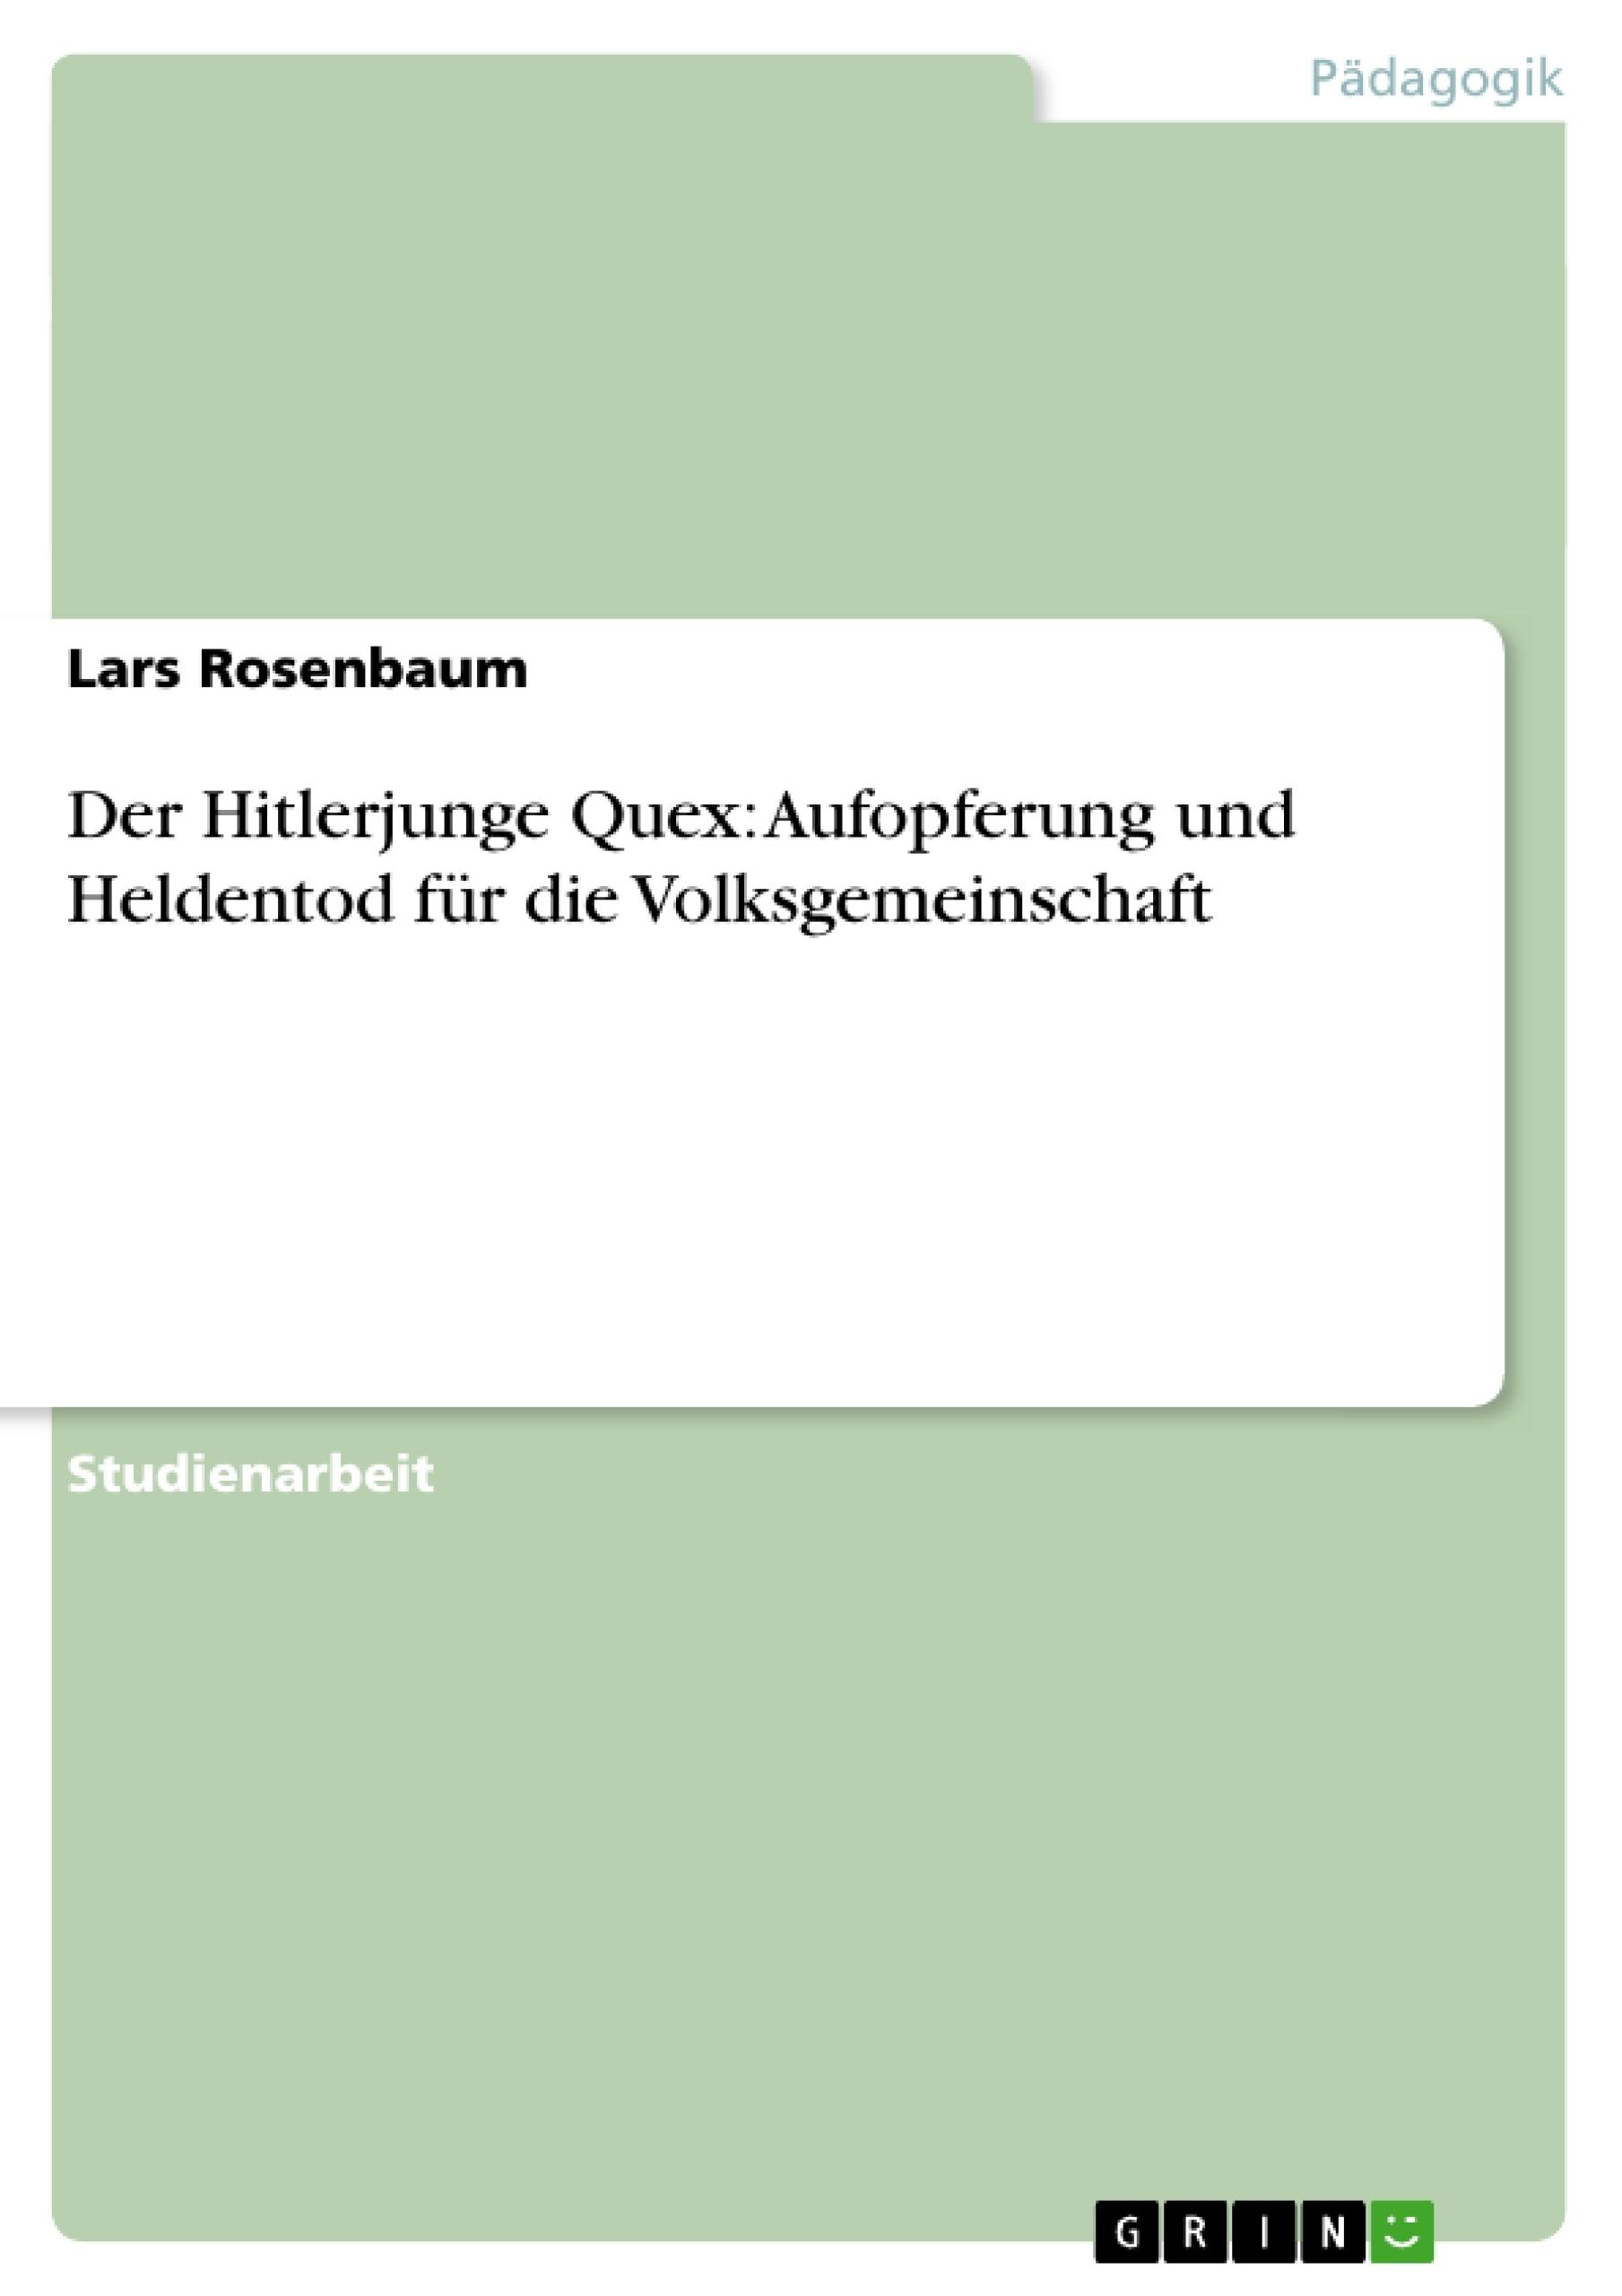 Volksgemeinschaft essays